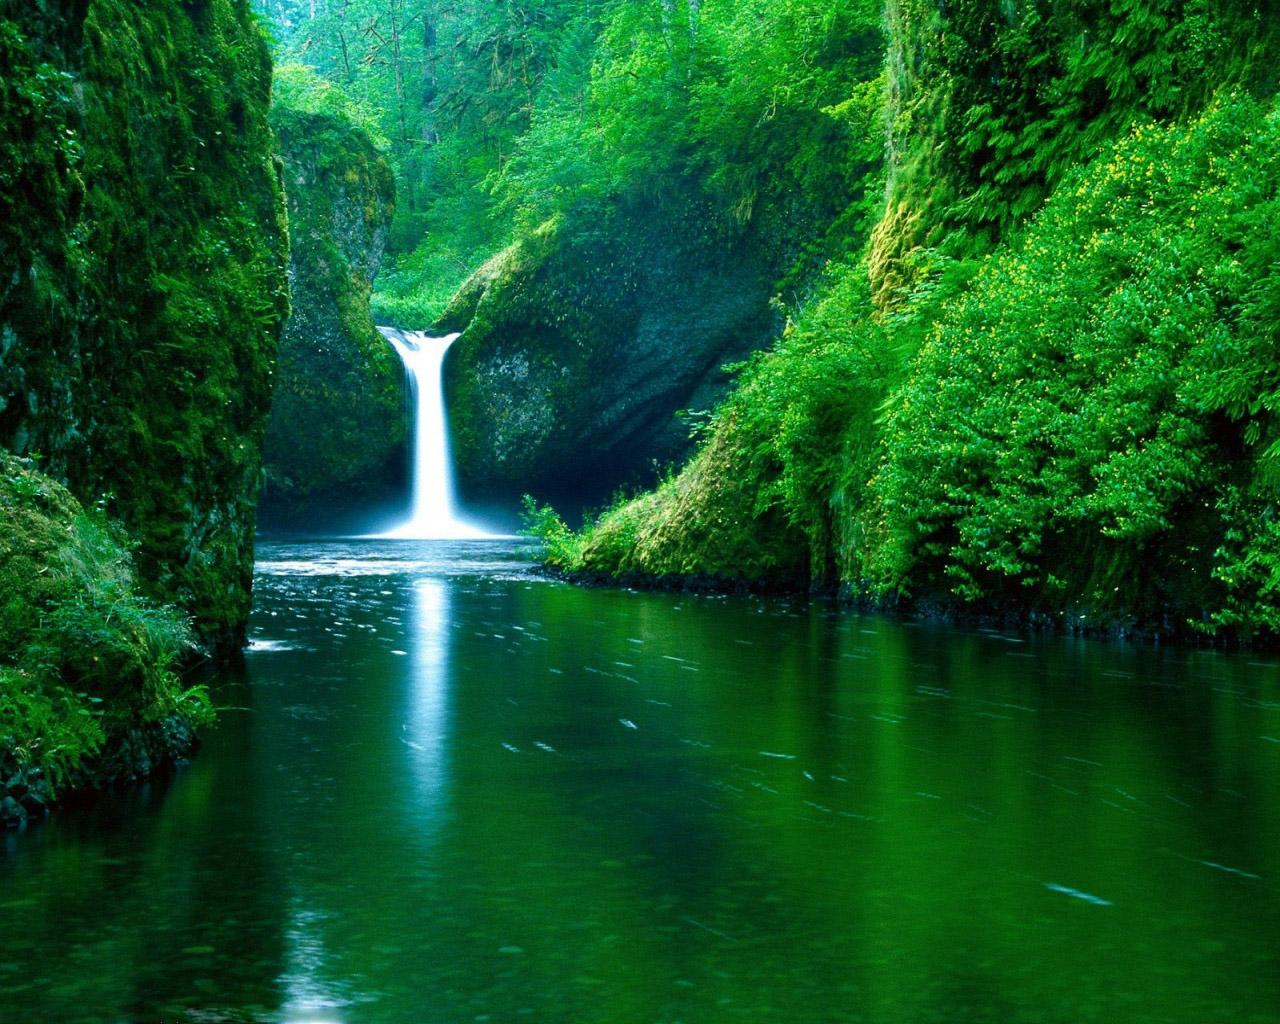 Best Nature Wallpapers - WallpaperSafari